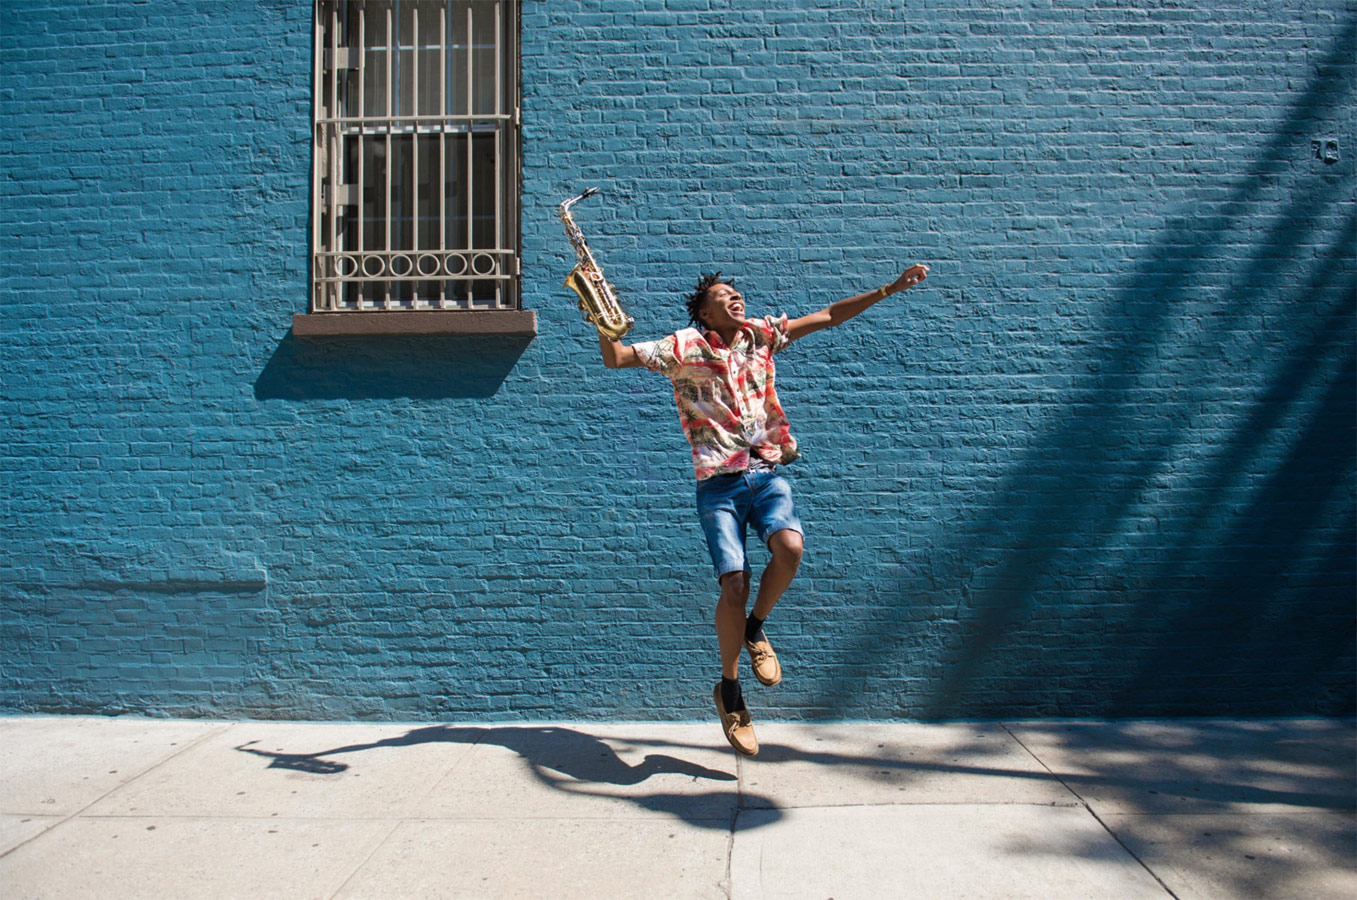 «Чистейшая радость», © Алек Швейцер / Alec Schweitzer, Нью-Йорк, США, Финалист категории «Любитель : Портреты артистов», Фотоконкурс «Момент музыки»